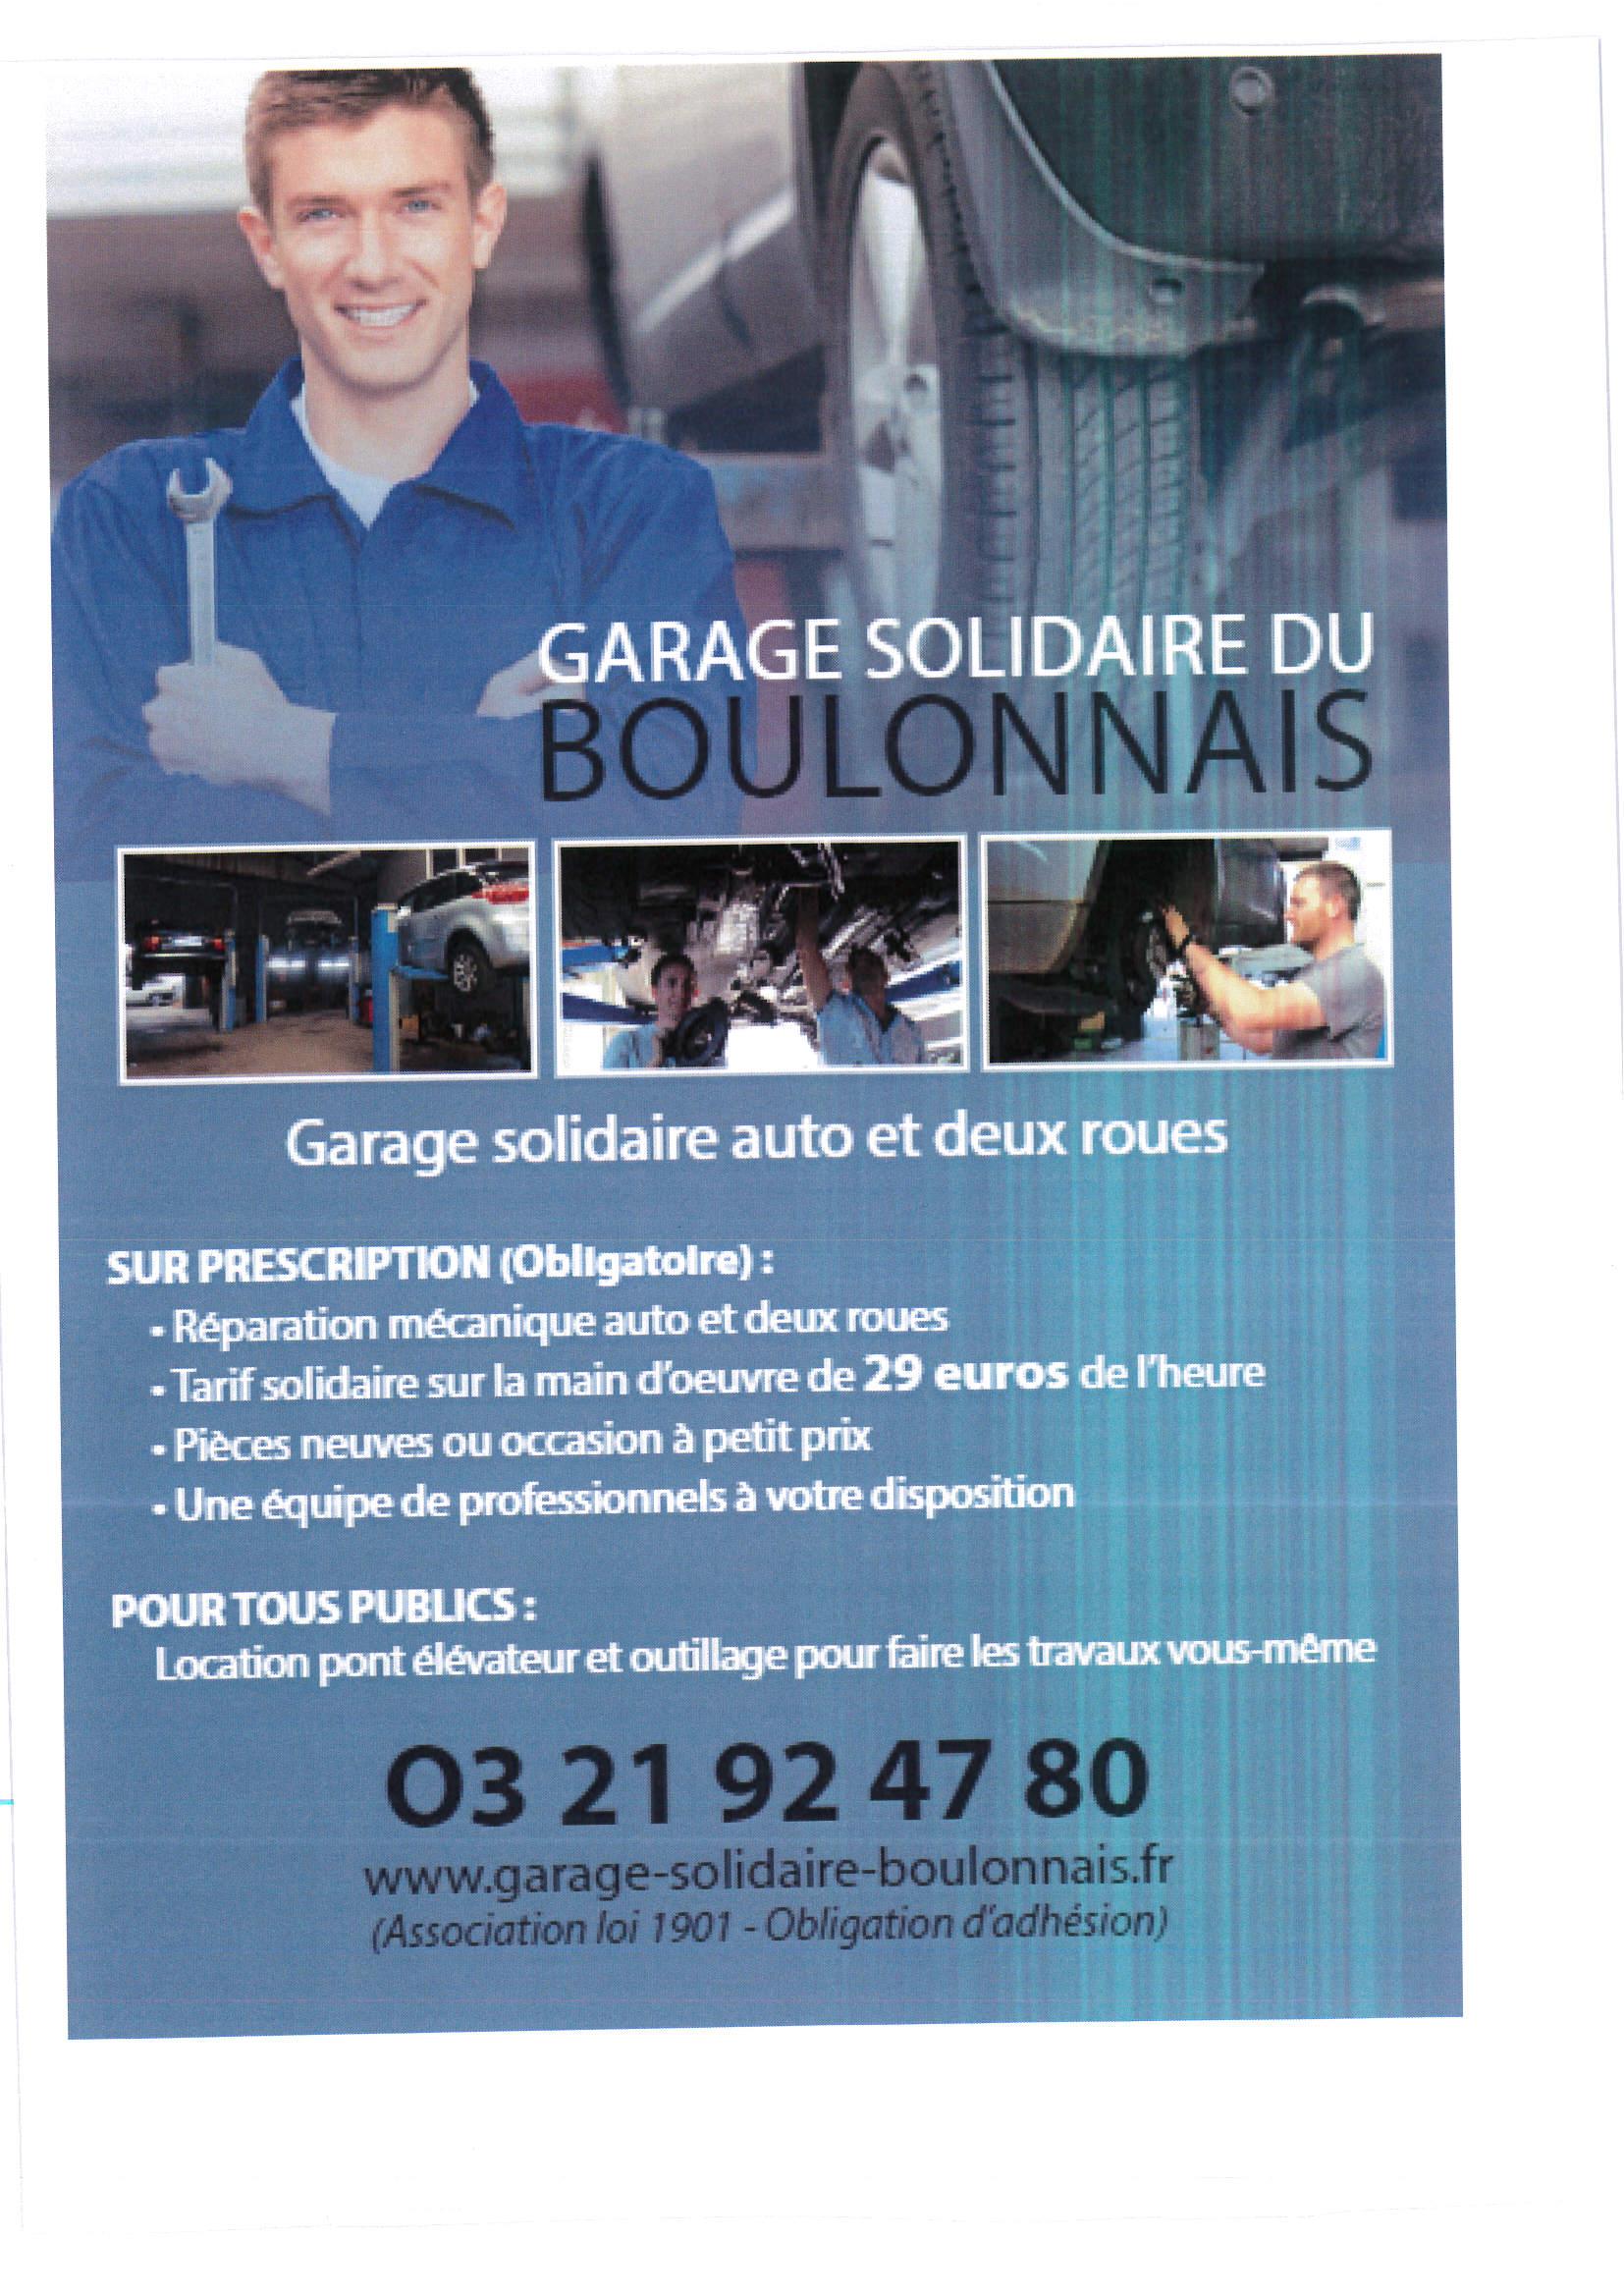 garagesolidaire_001.jpg